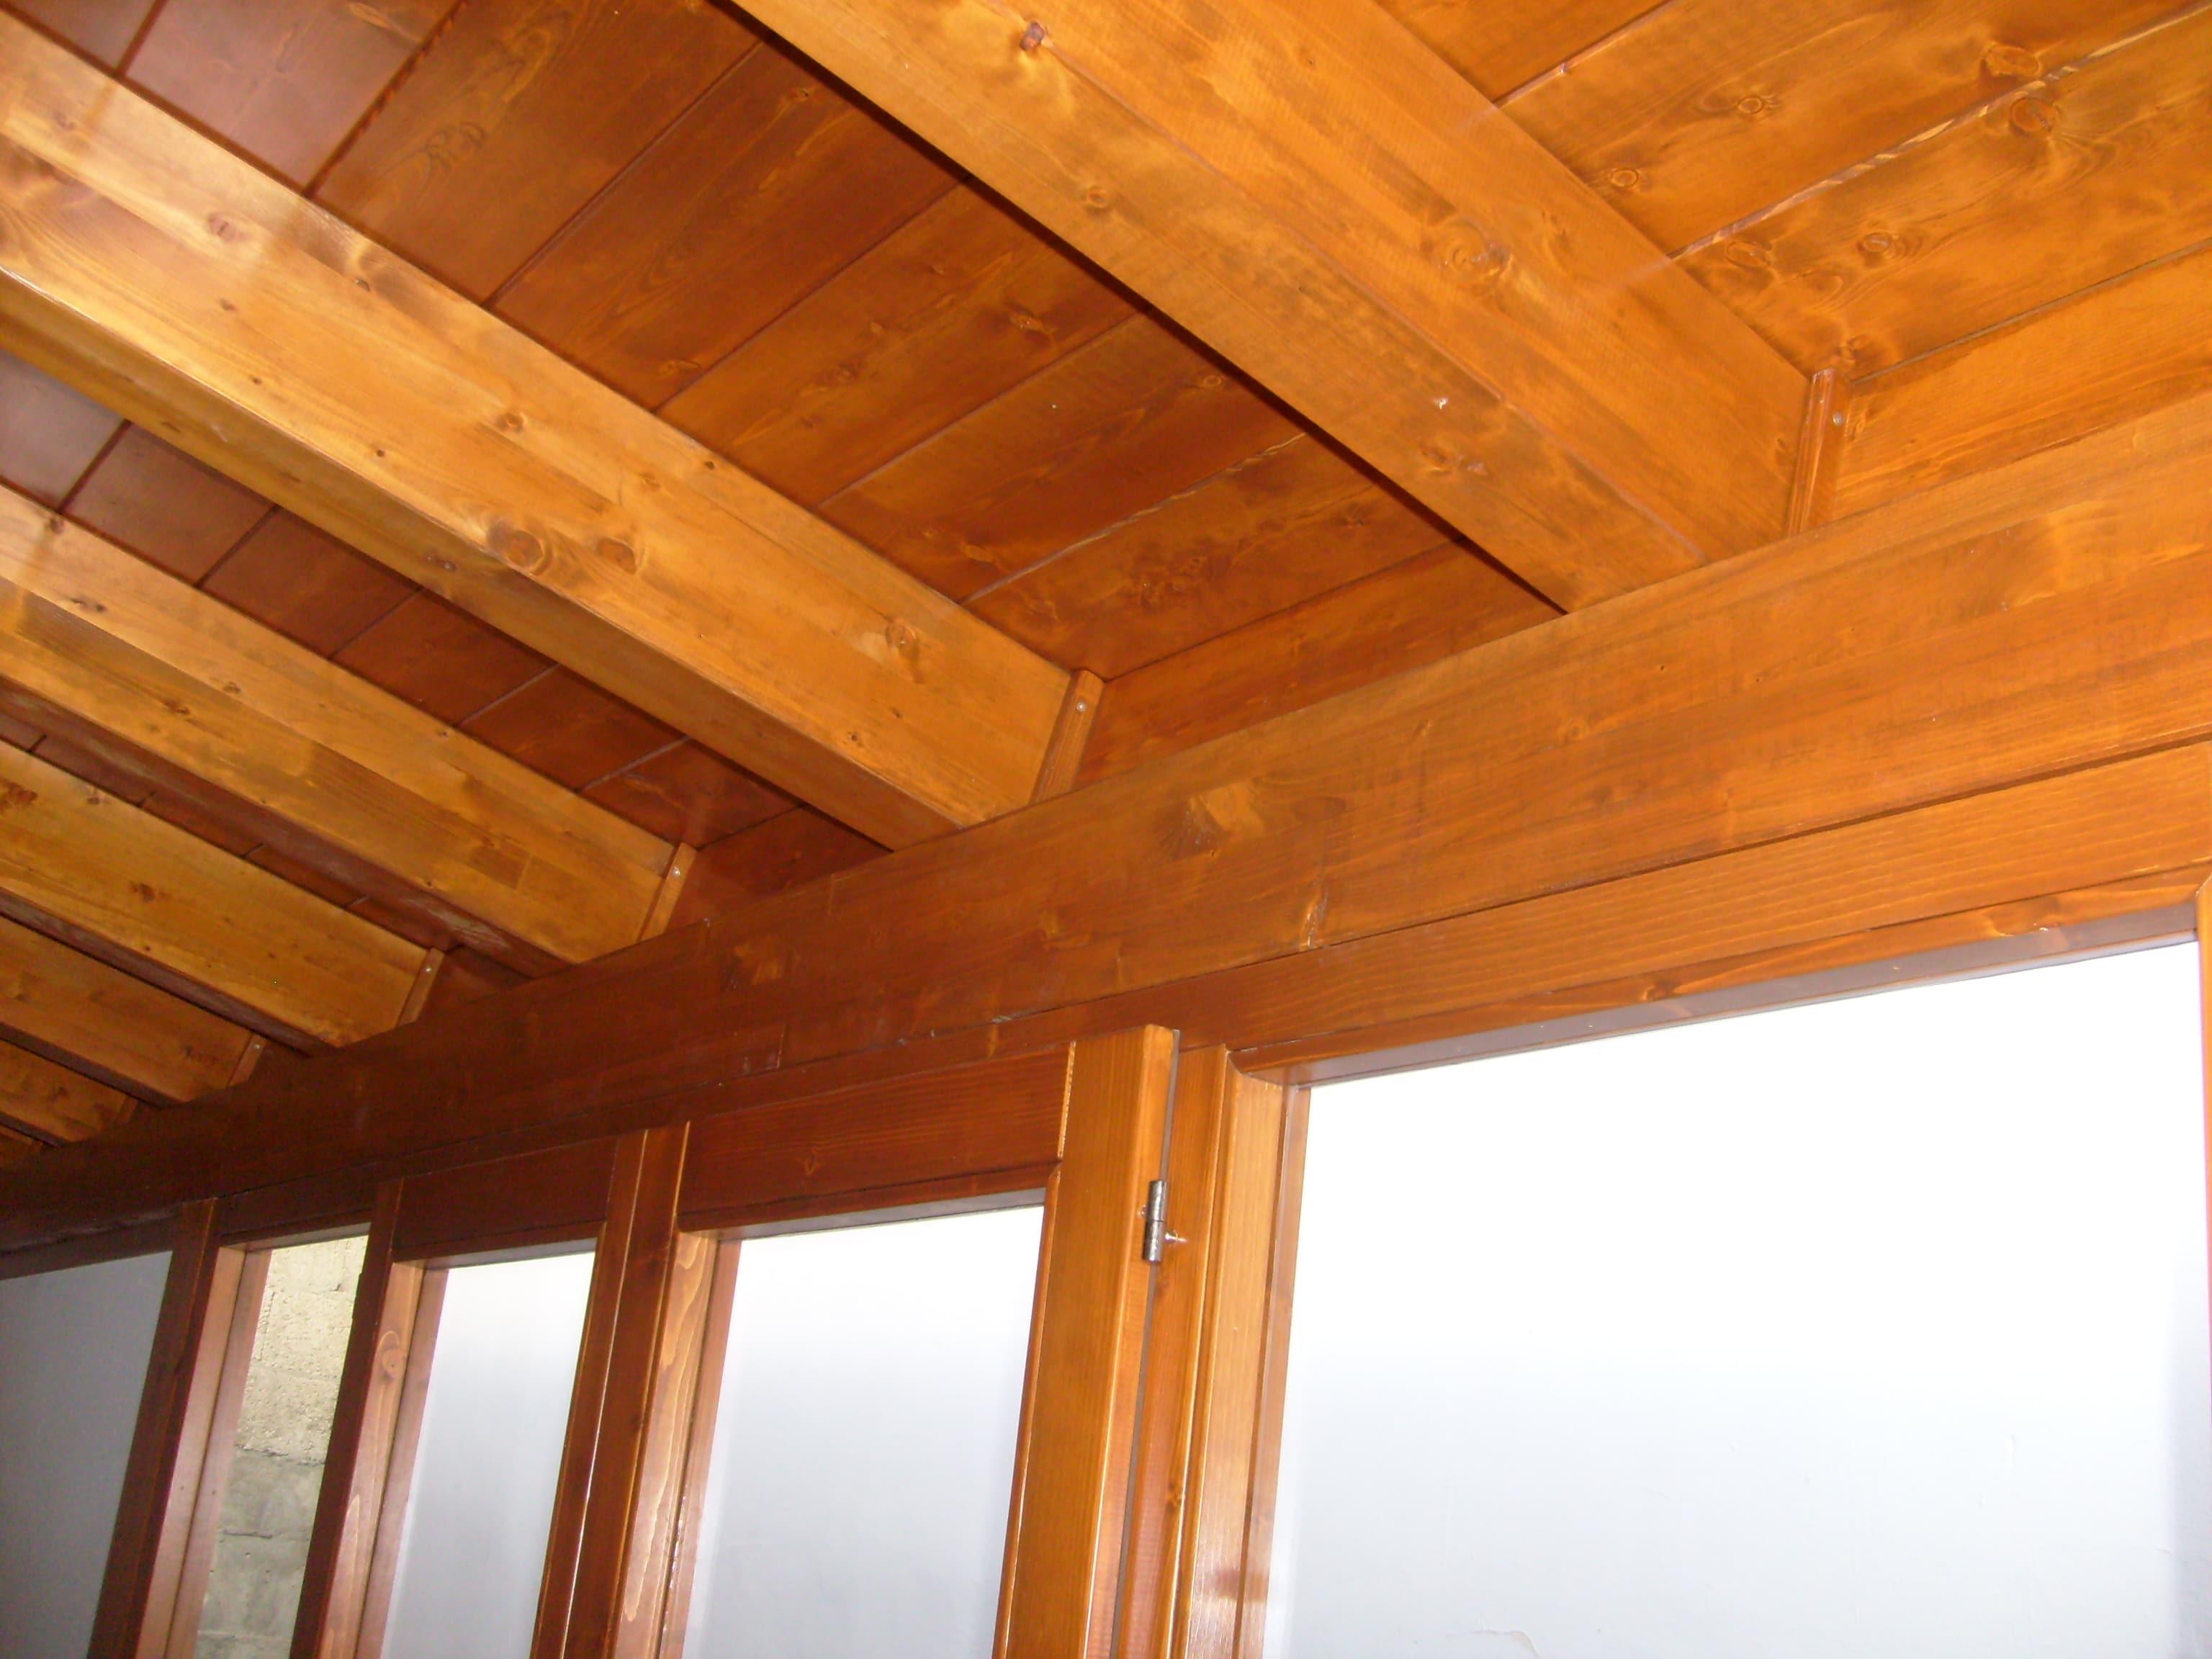 Dettaglio box indipendente per esterno in legno lamellare abete verniciato